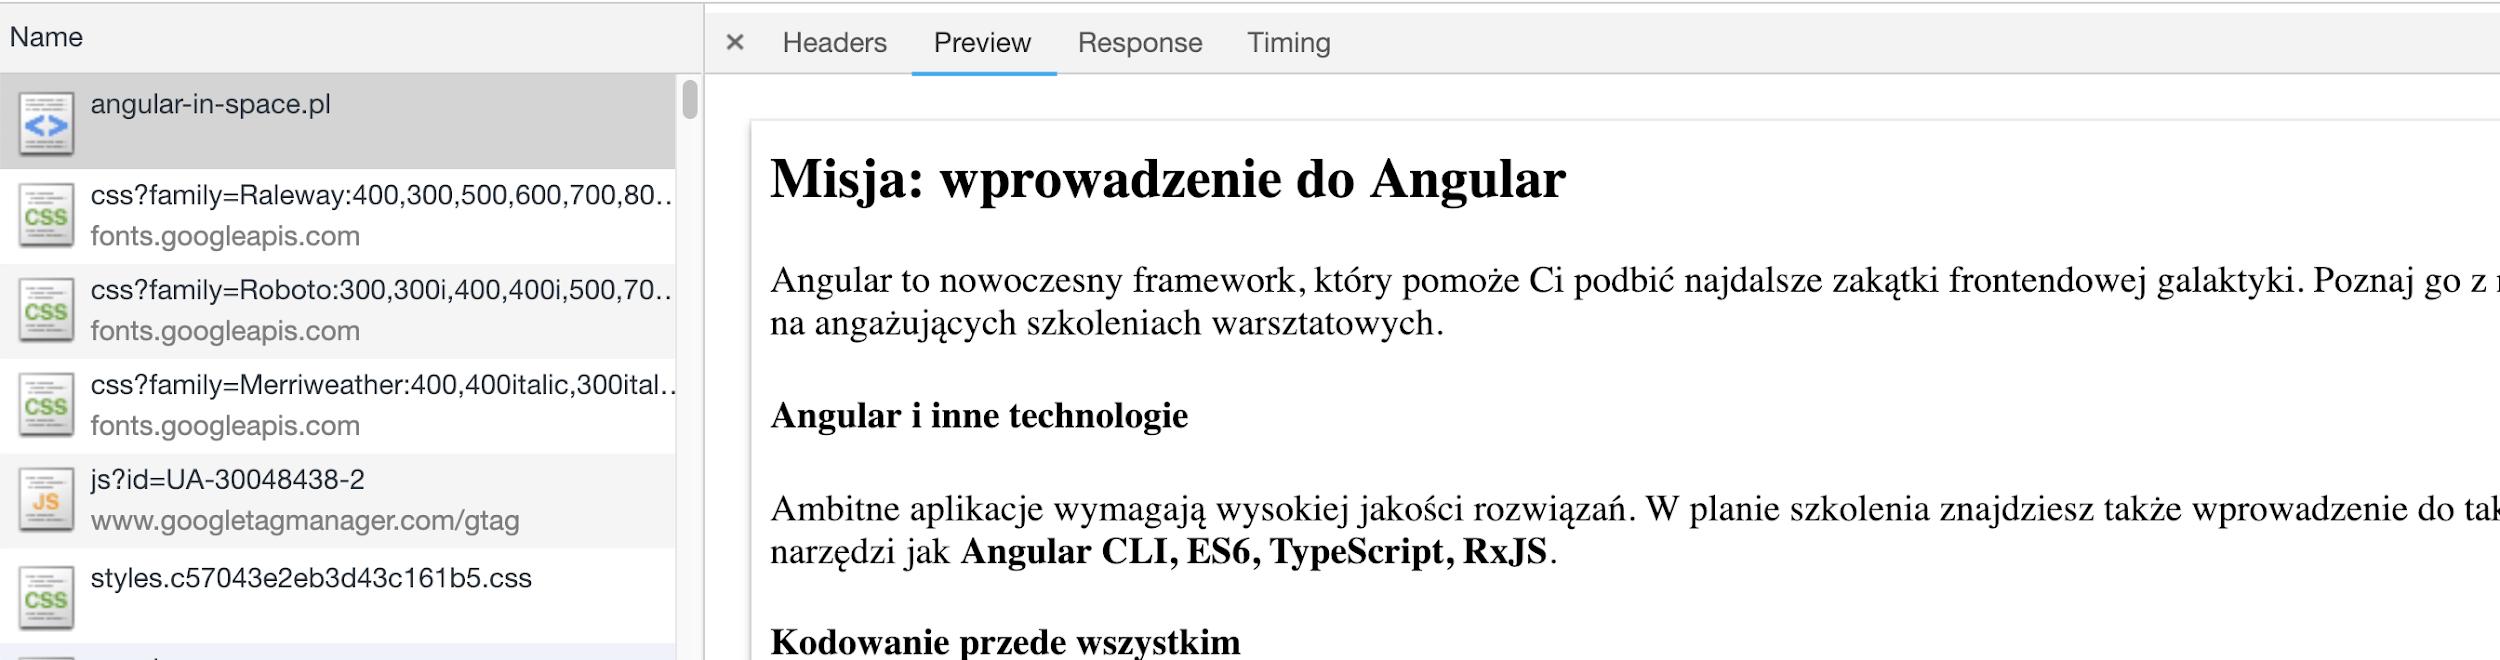 Misja wprowadzenia do angular - preview